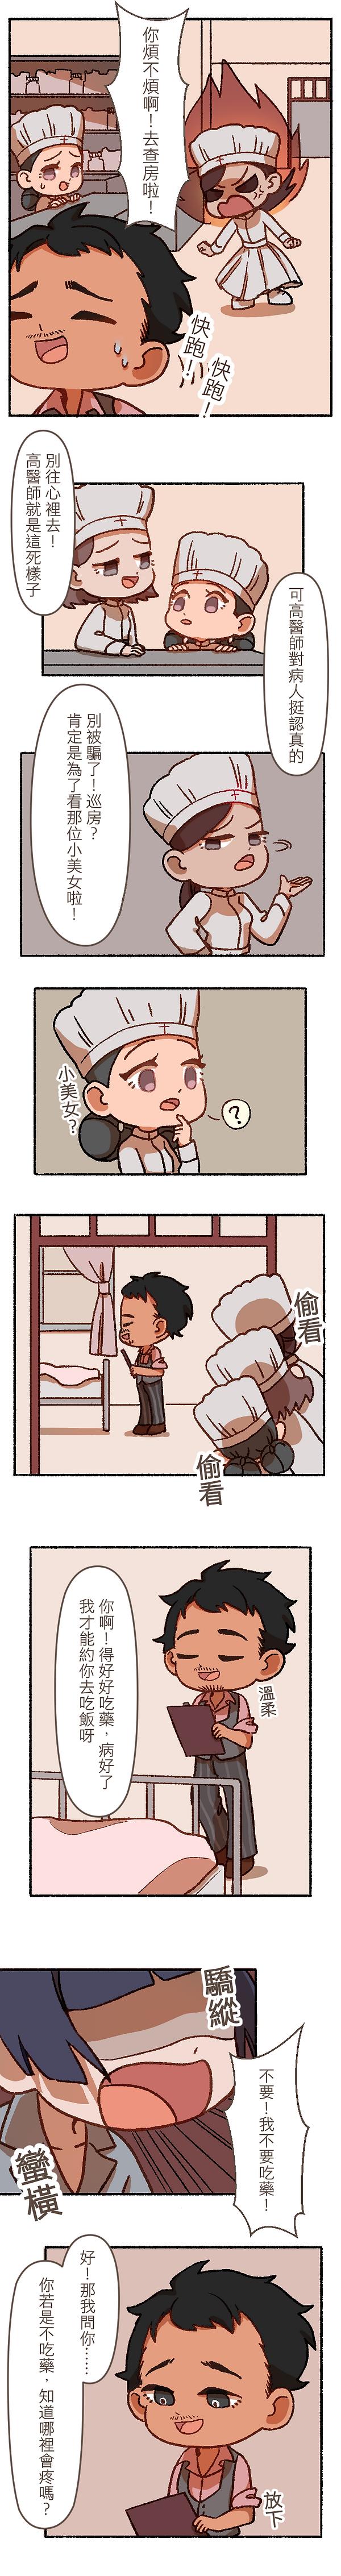 高騰04-2.png